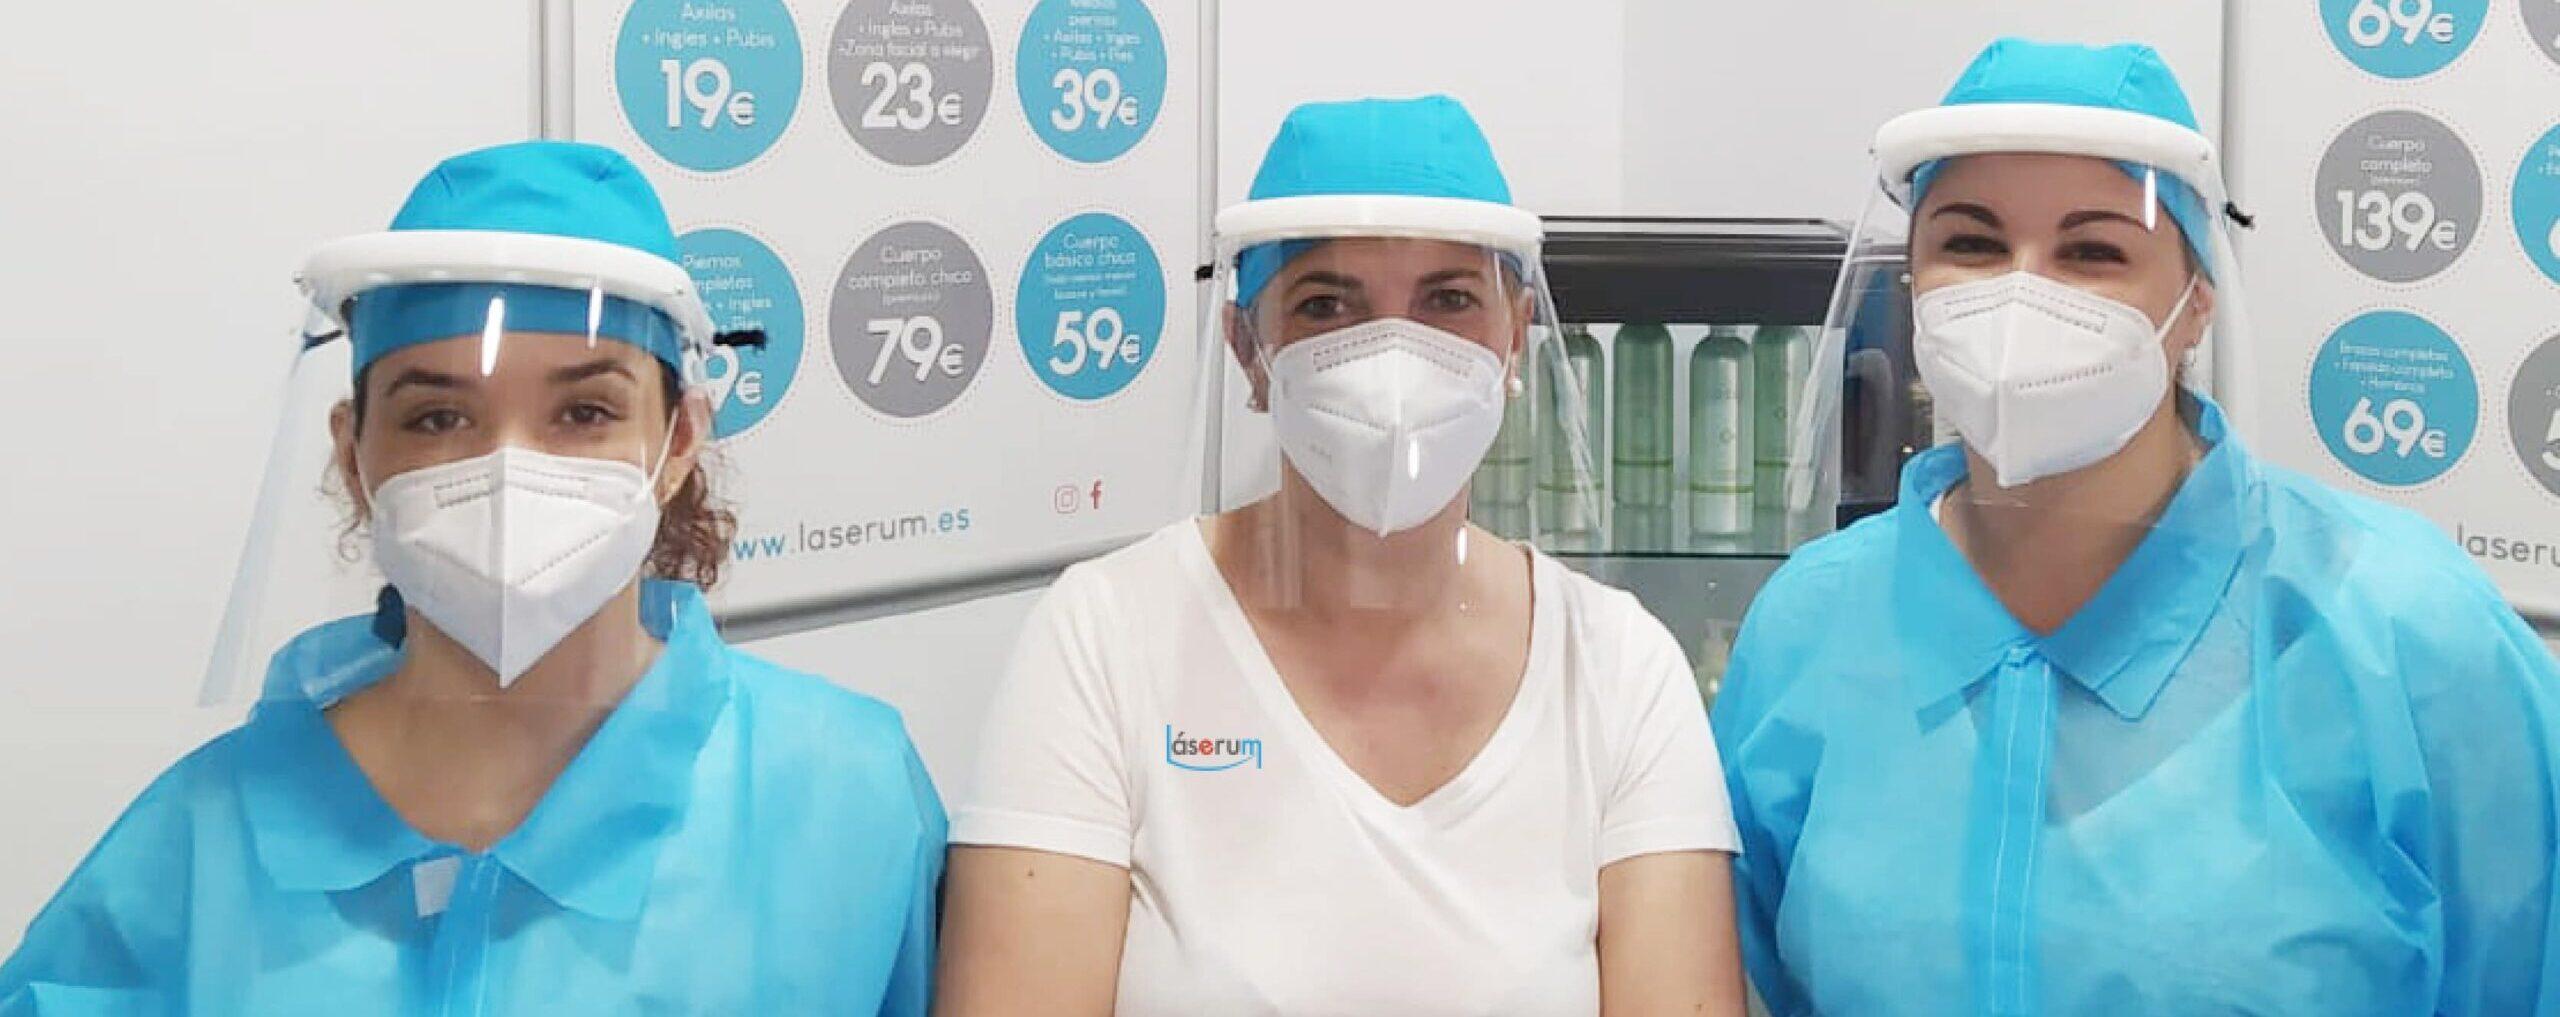 Técnicos láser protegidas para realizar las sesiones de depilación láser con higiene